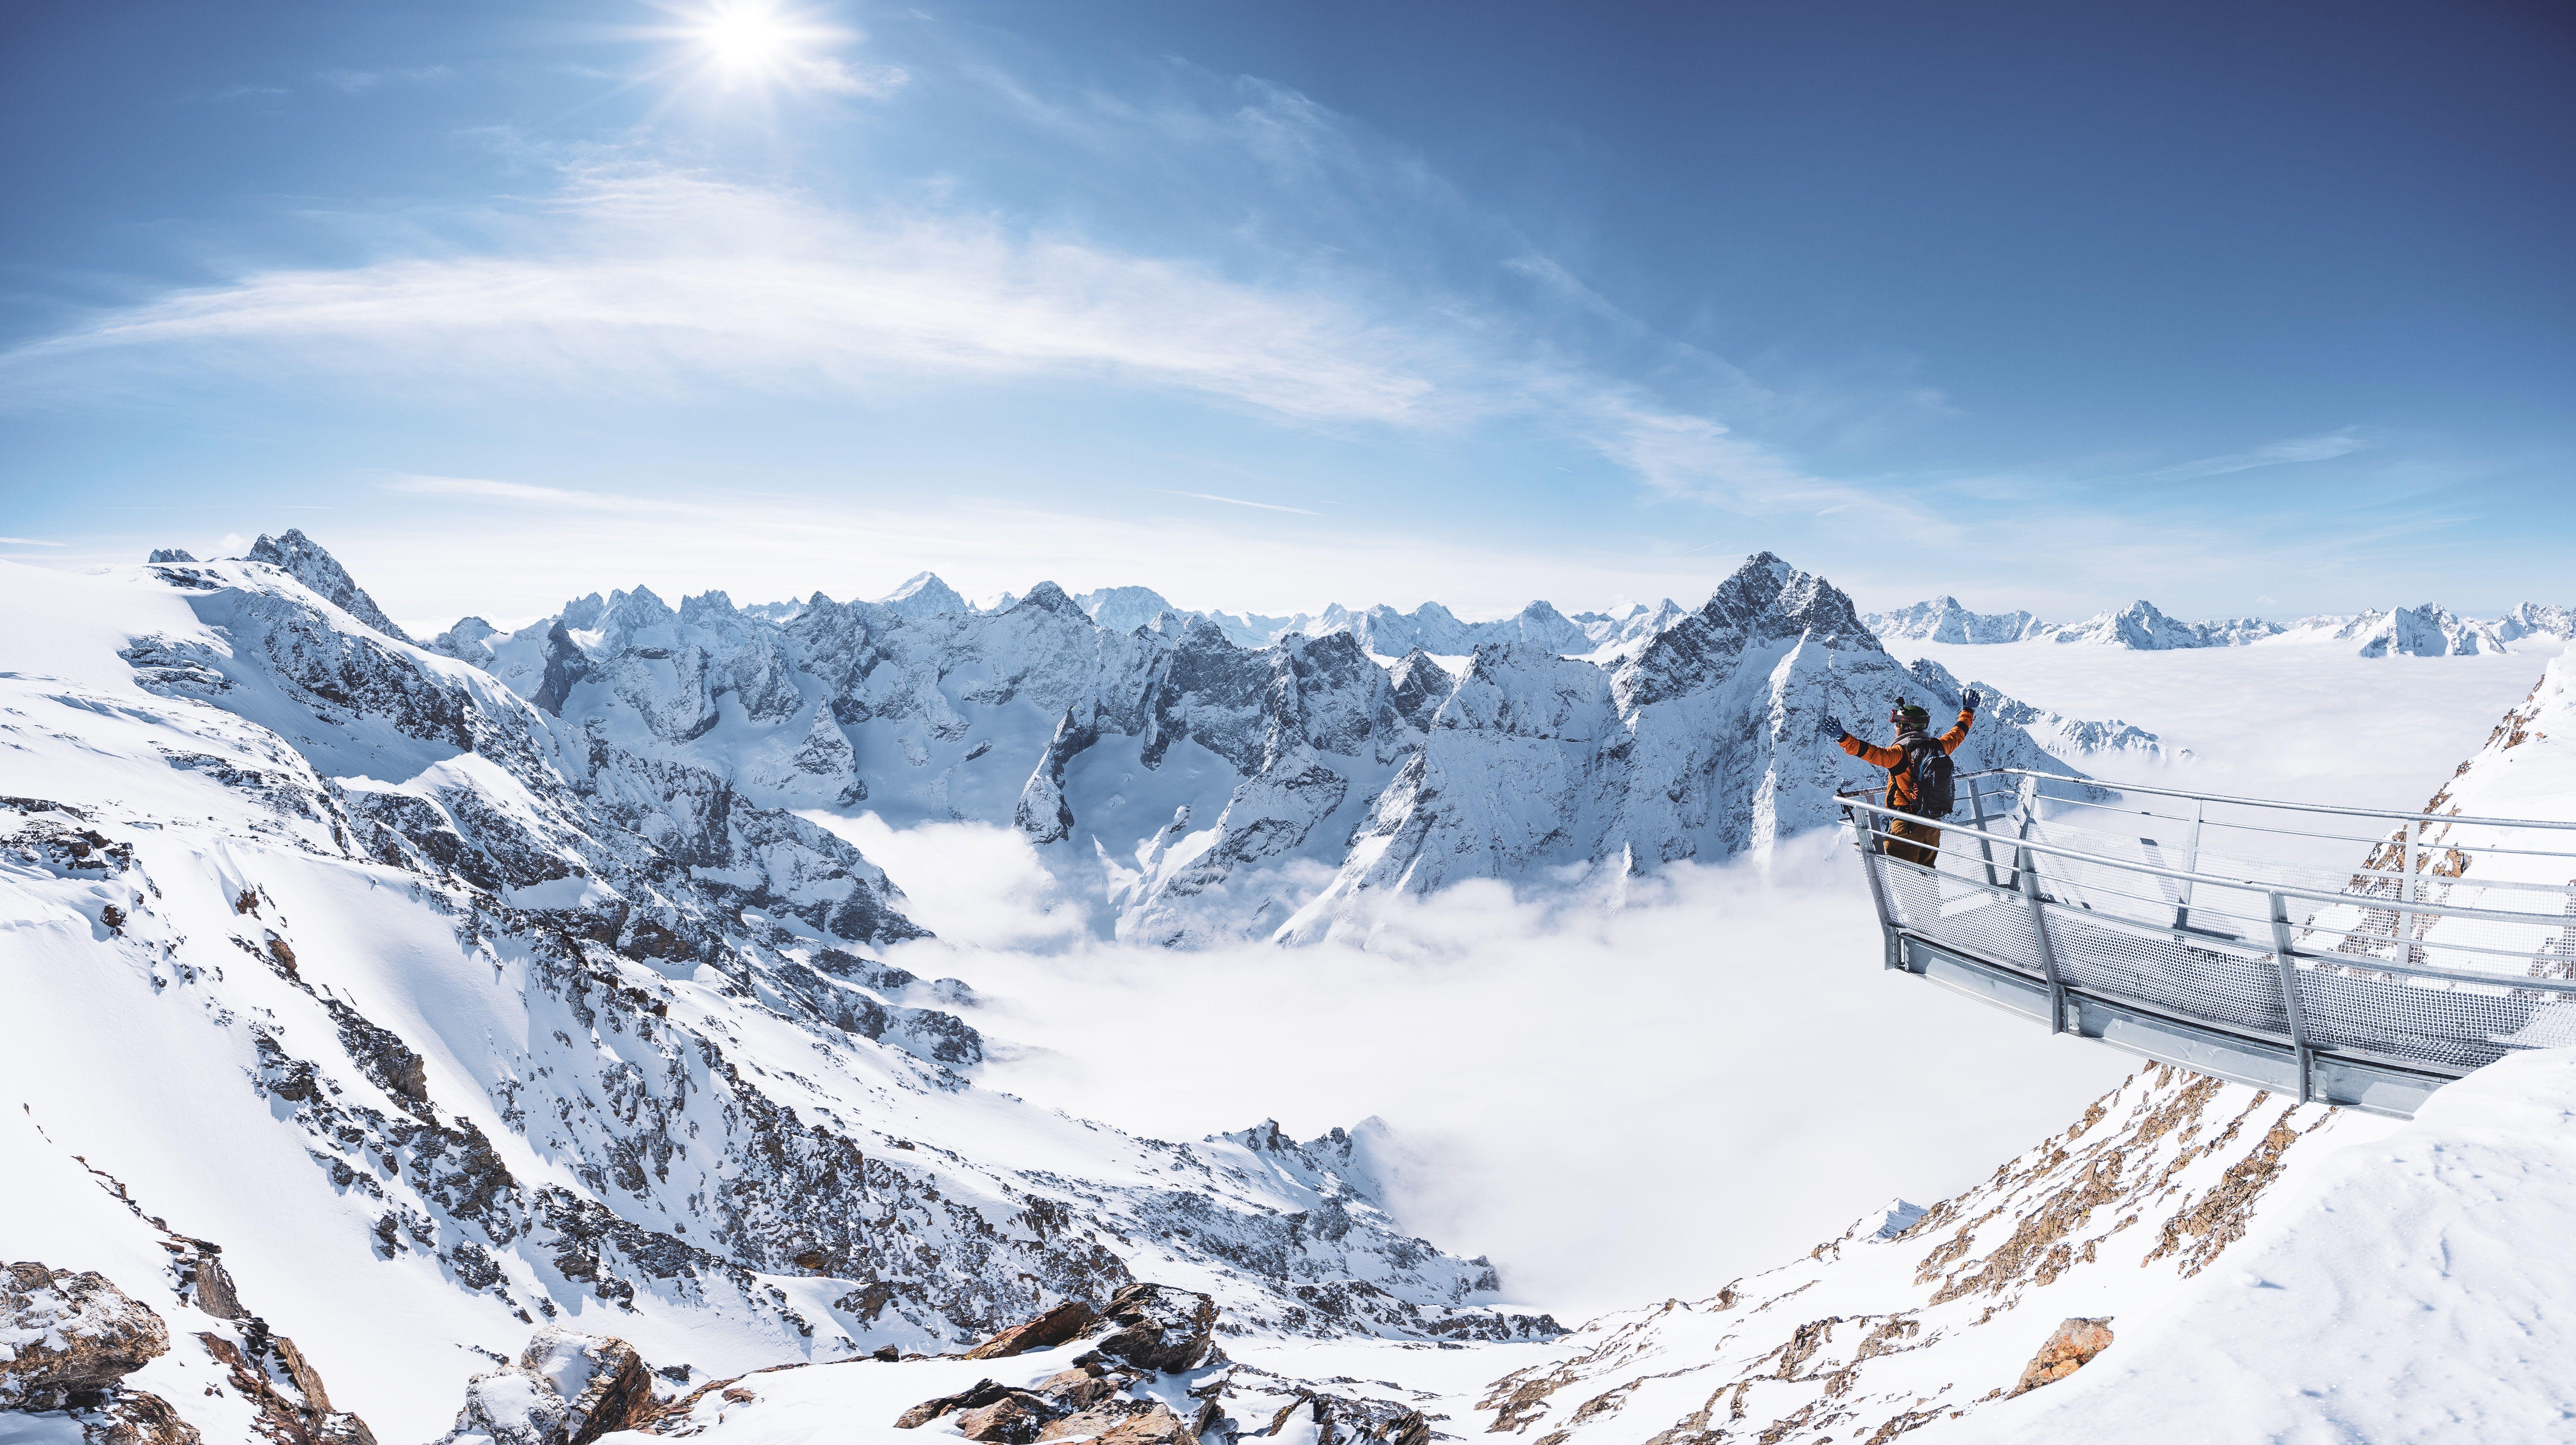 De beste skigebieden voor een voorjaarsski!